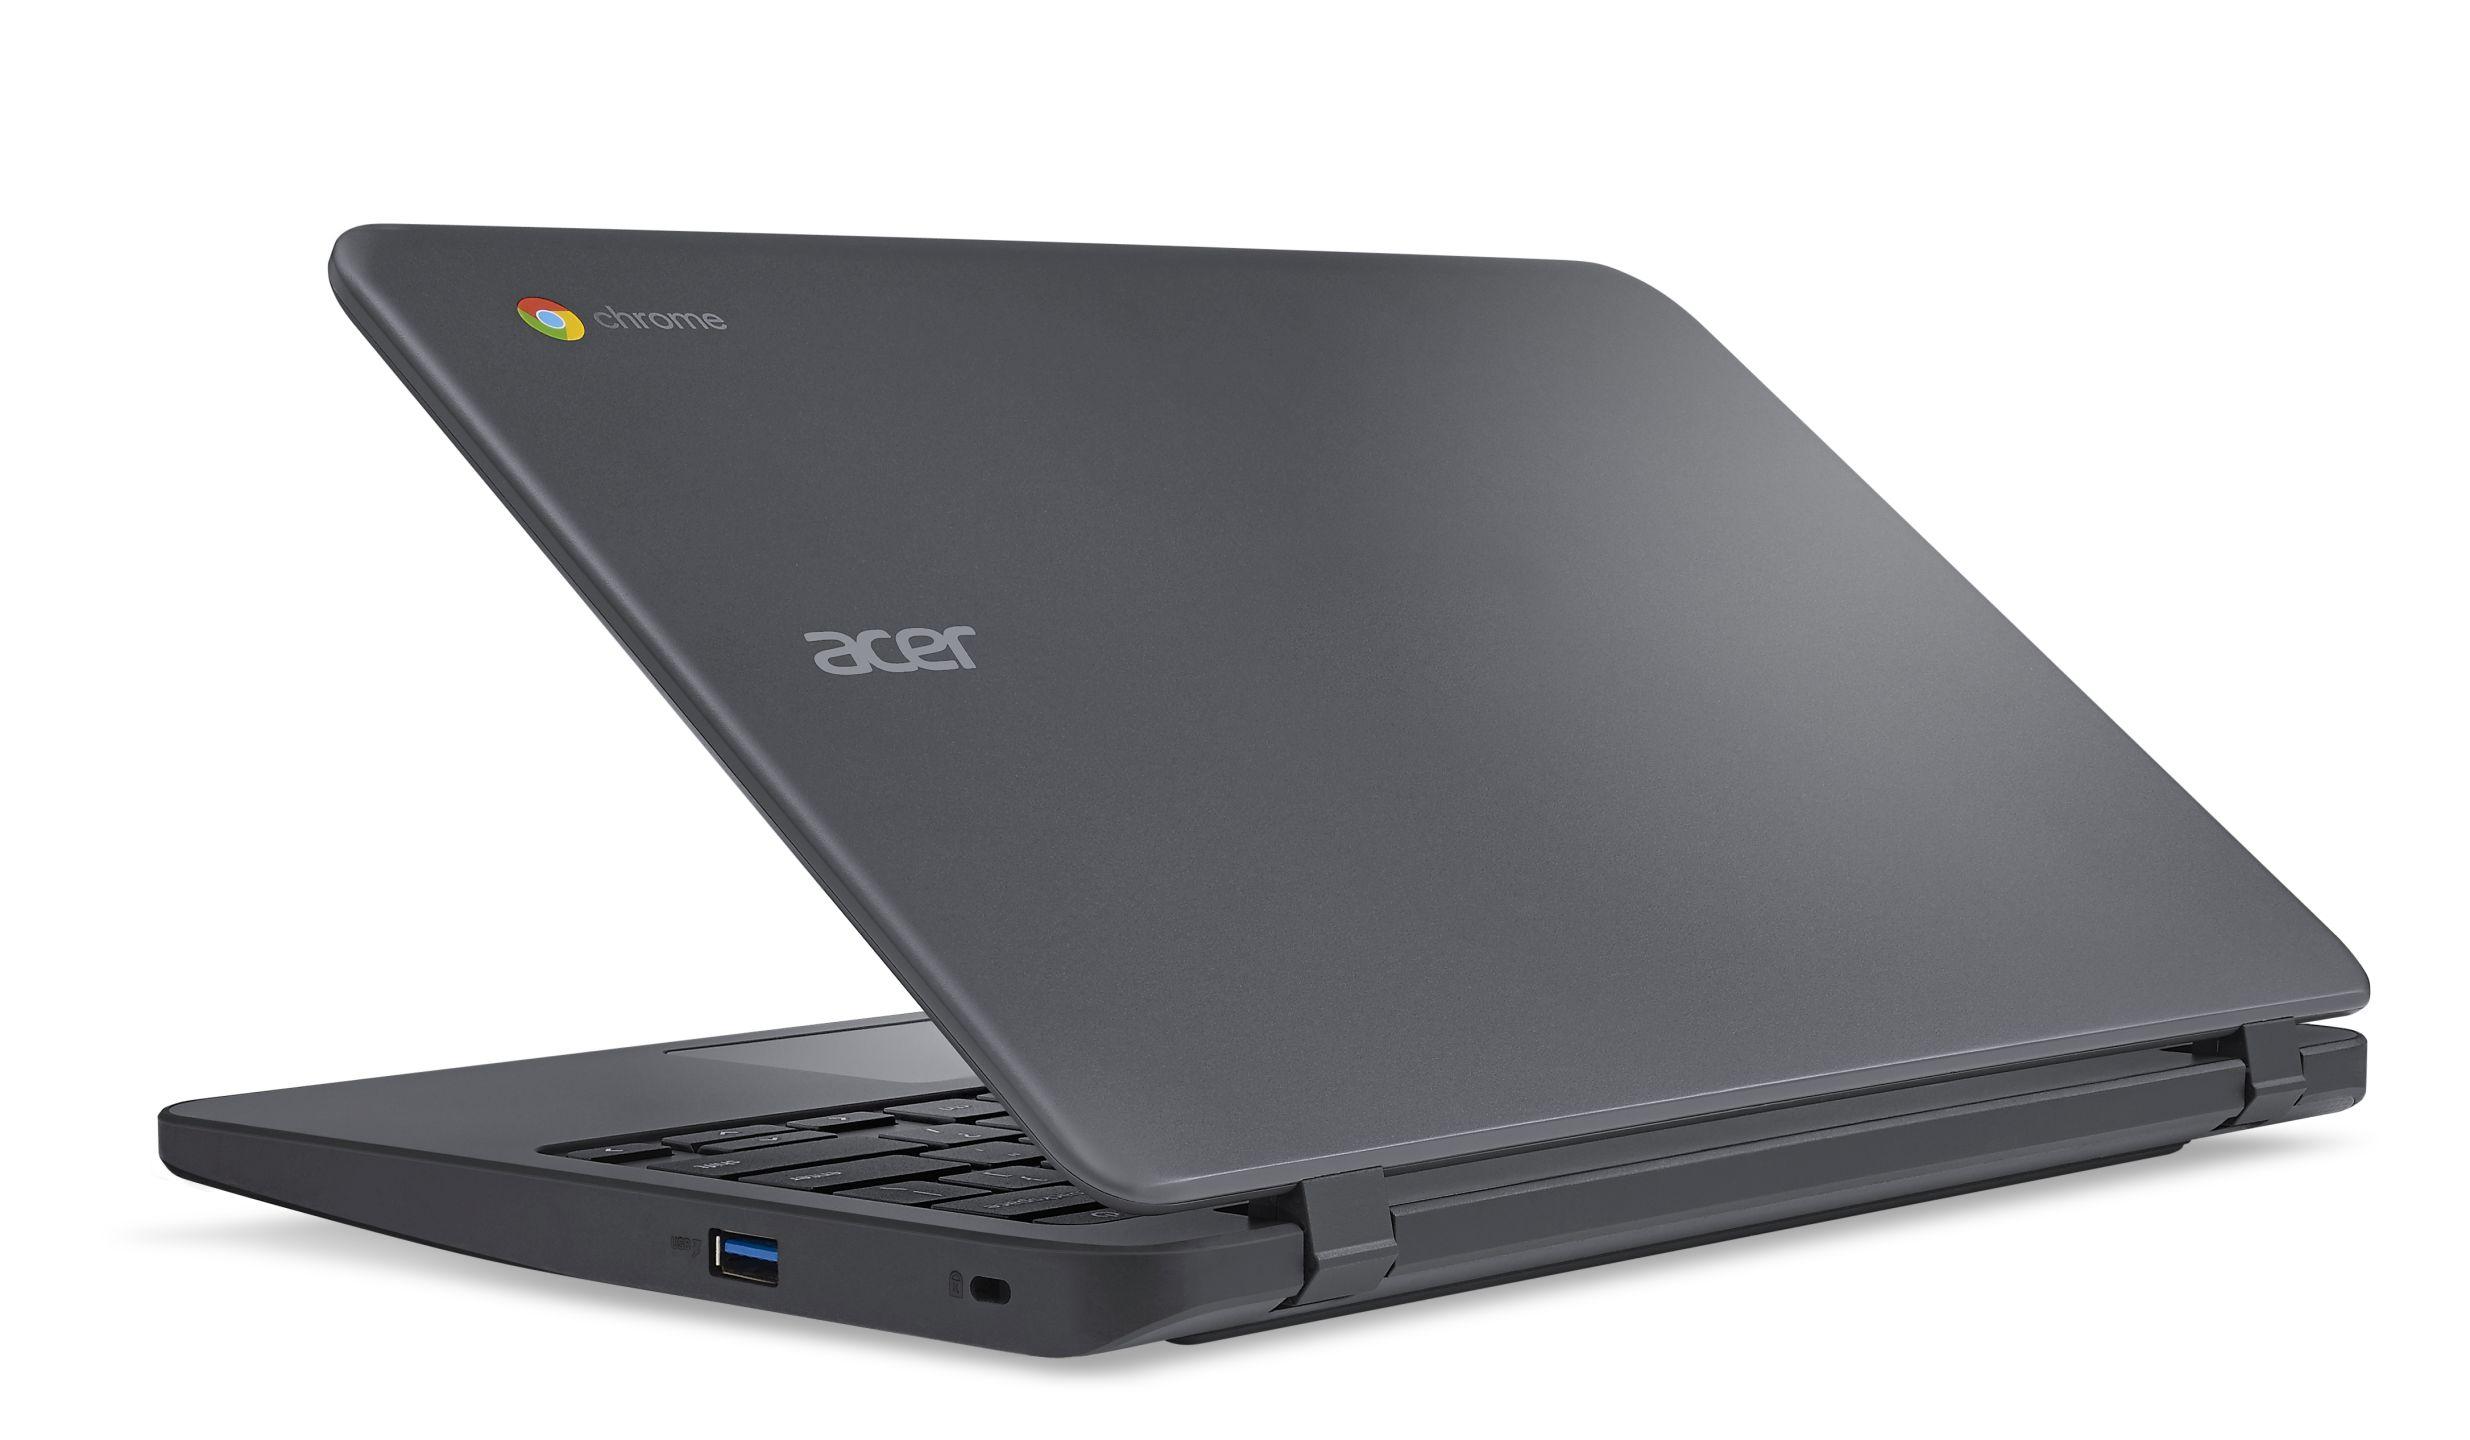 Niedrogi, ale gotowy na wszystko. Acer pokazał Chromebooka do zadań specjalnych